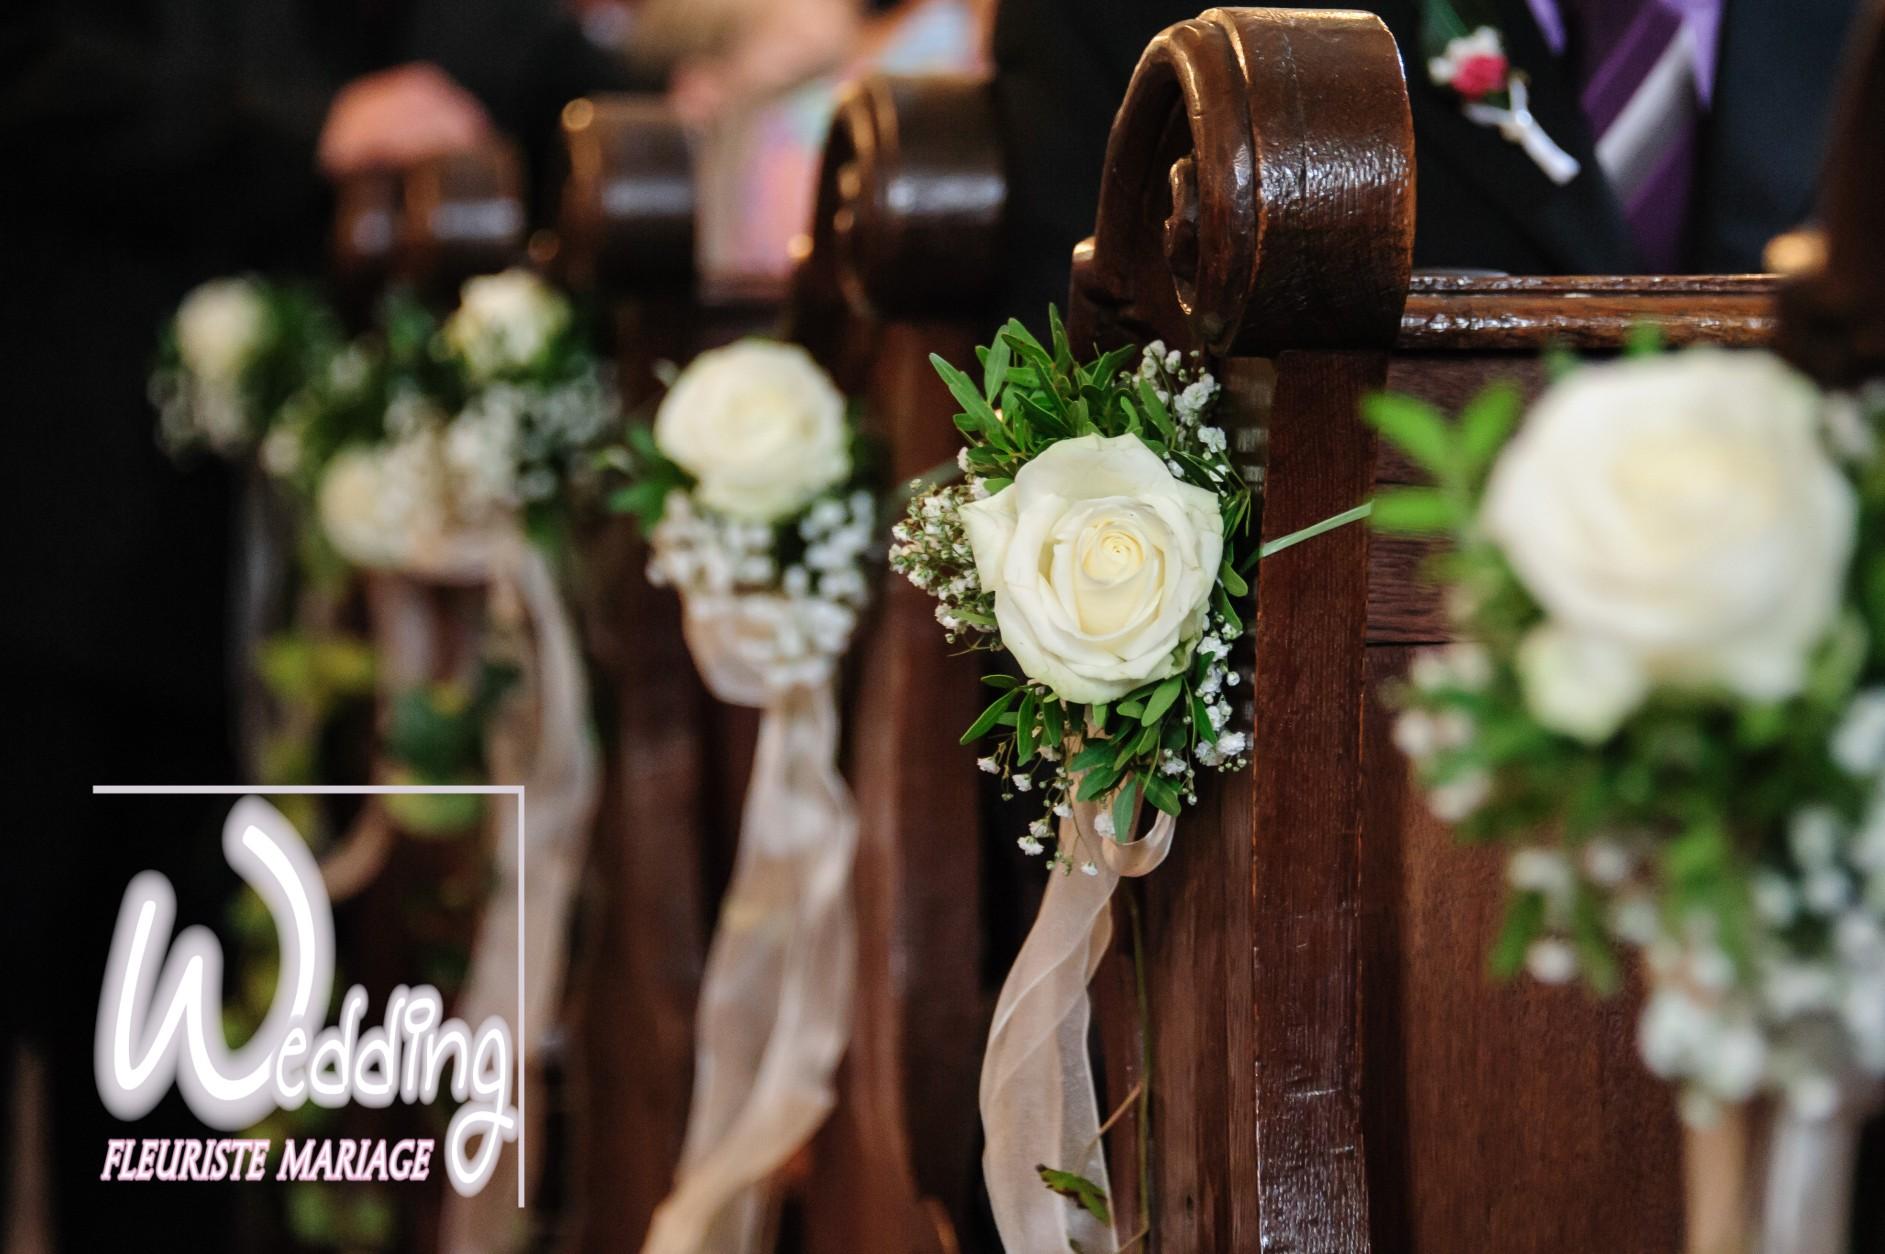 DÉCORATION FLORALE MARIAGE EGLISE DE ROQUEFORT LES PINS - WEDDING FLEURISTE MARIAGE ROQUEFORT LES PINS